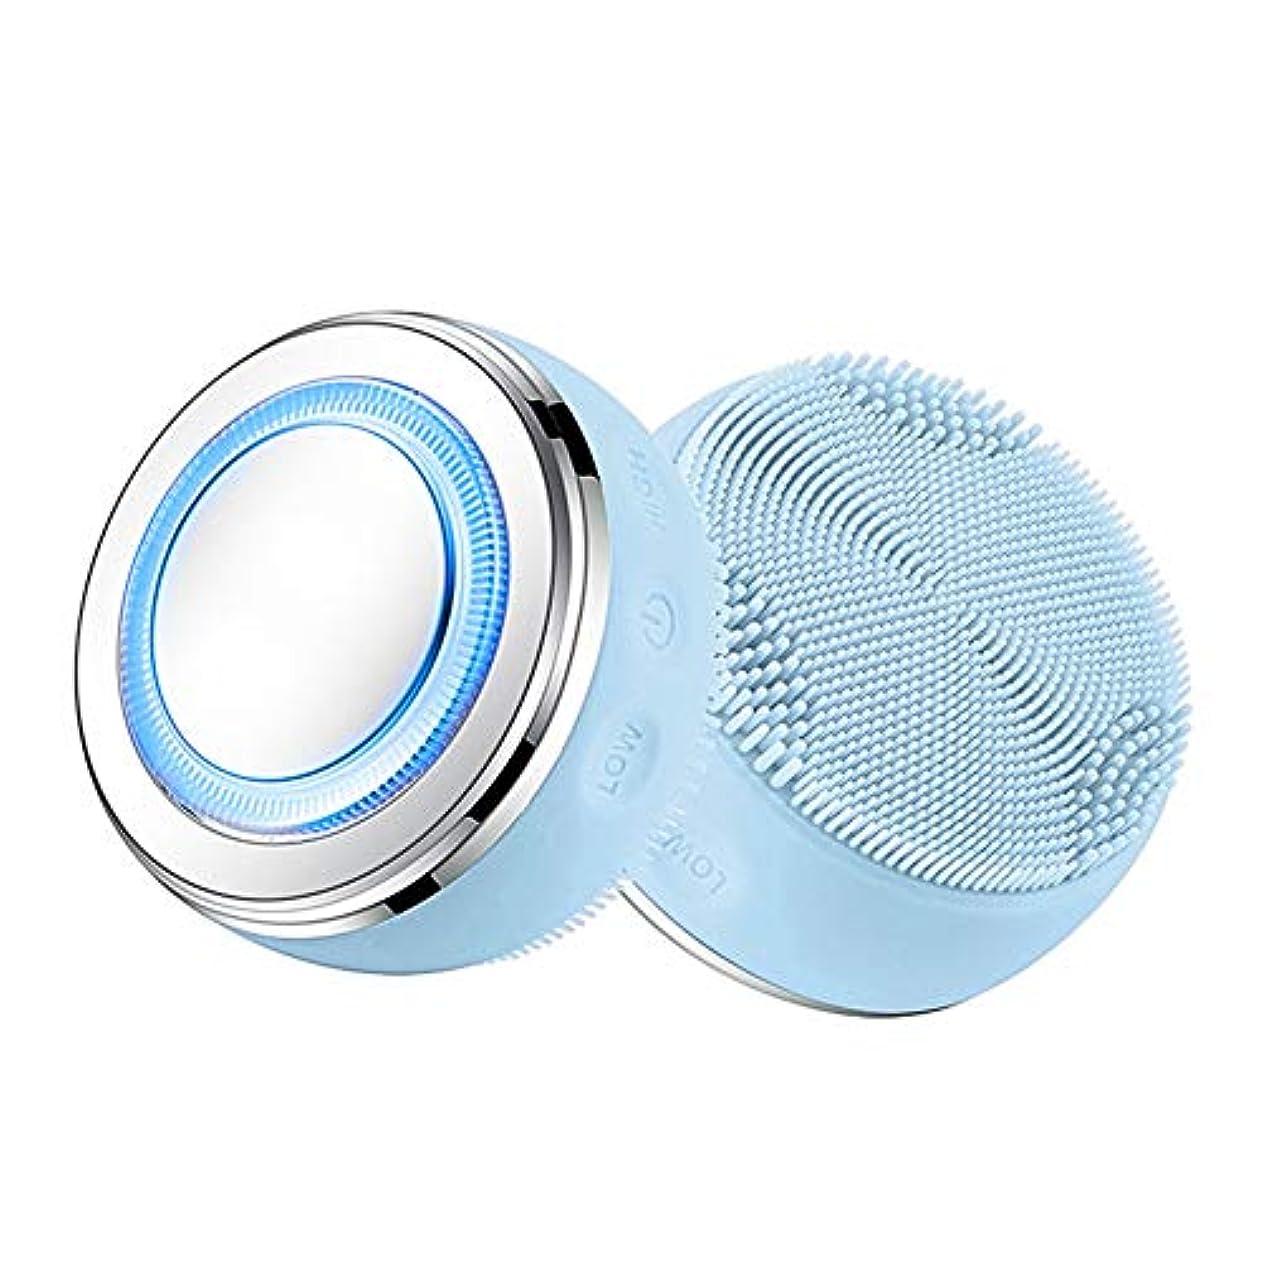 テーブル反対するストラップ2-IN-1クレンジングブラシ、ホットプレスLEDスキンクリーナー、防水シリコーン毛穴クリーナー美顔器